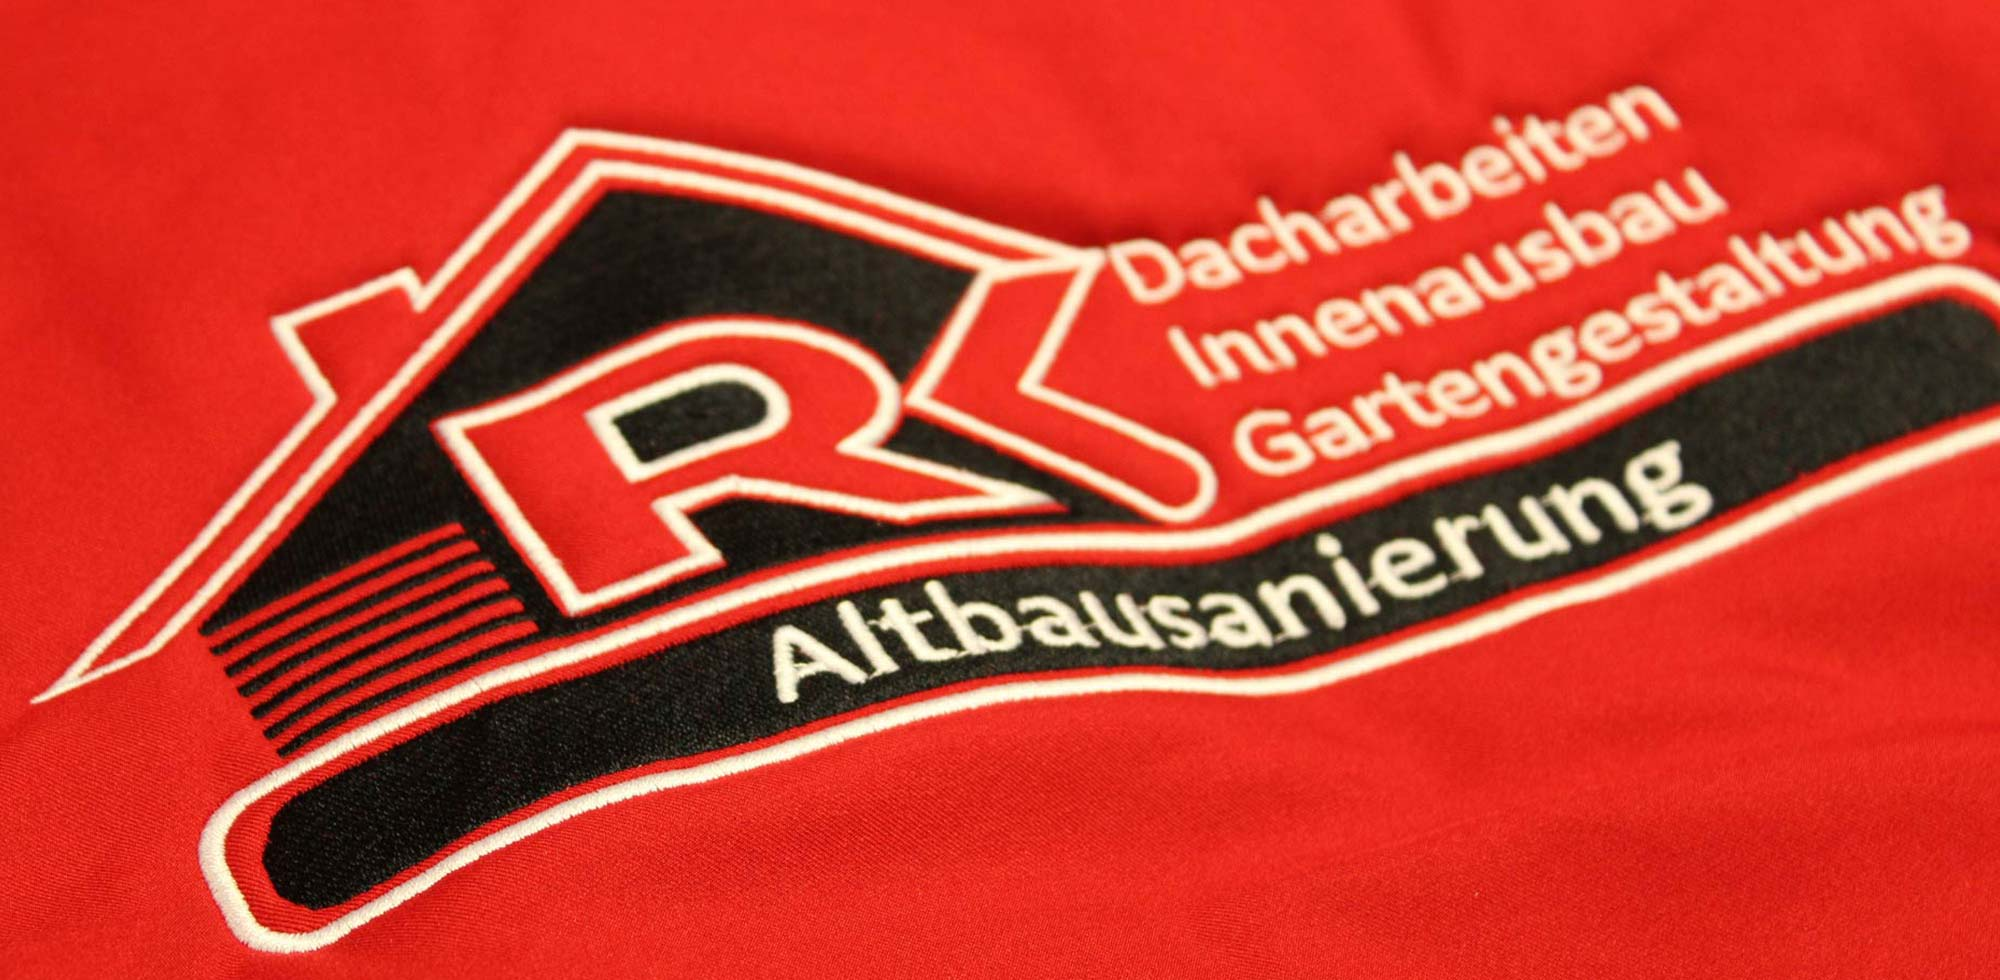 Stick GIRAFFIKKA 73642 Welzheim Rudersberger Str. 14